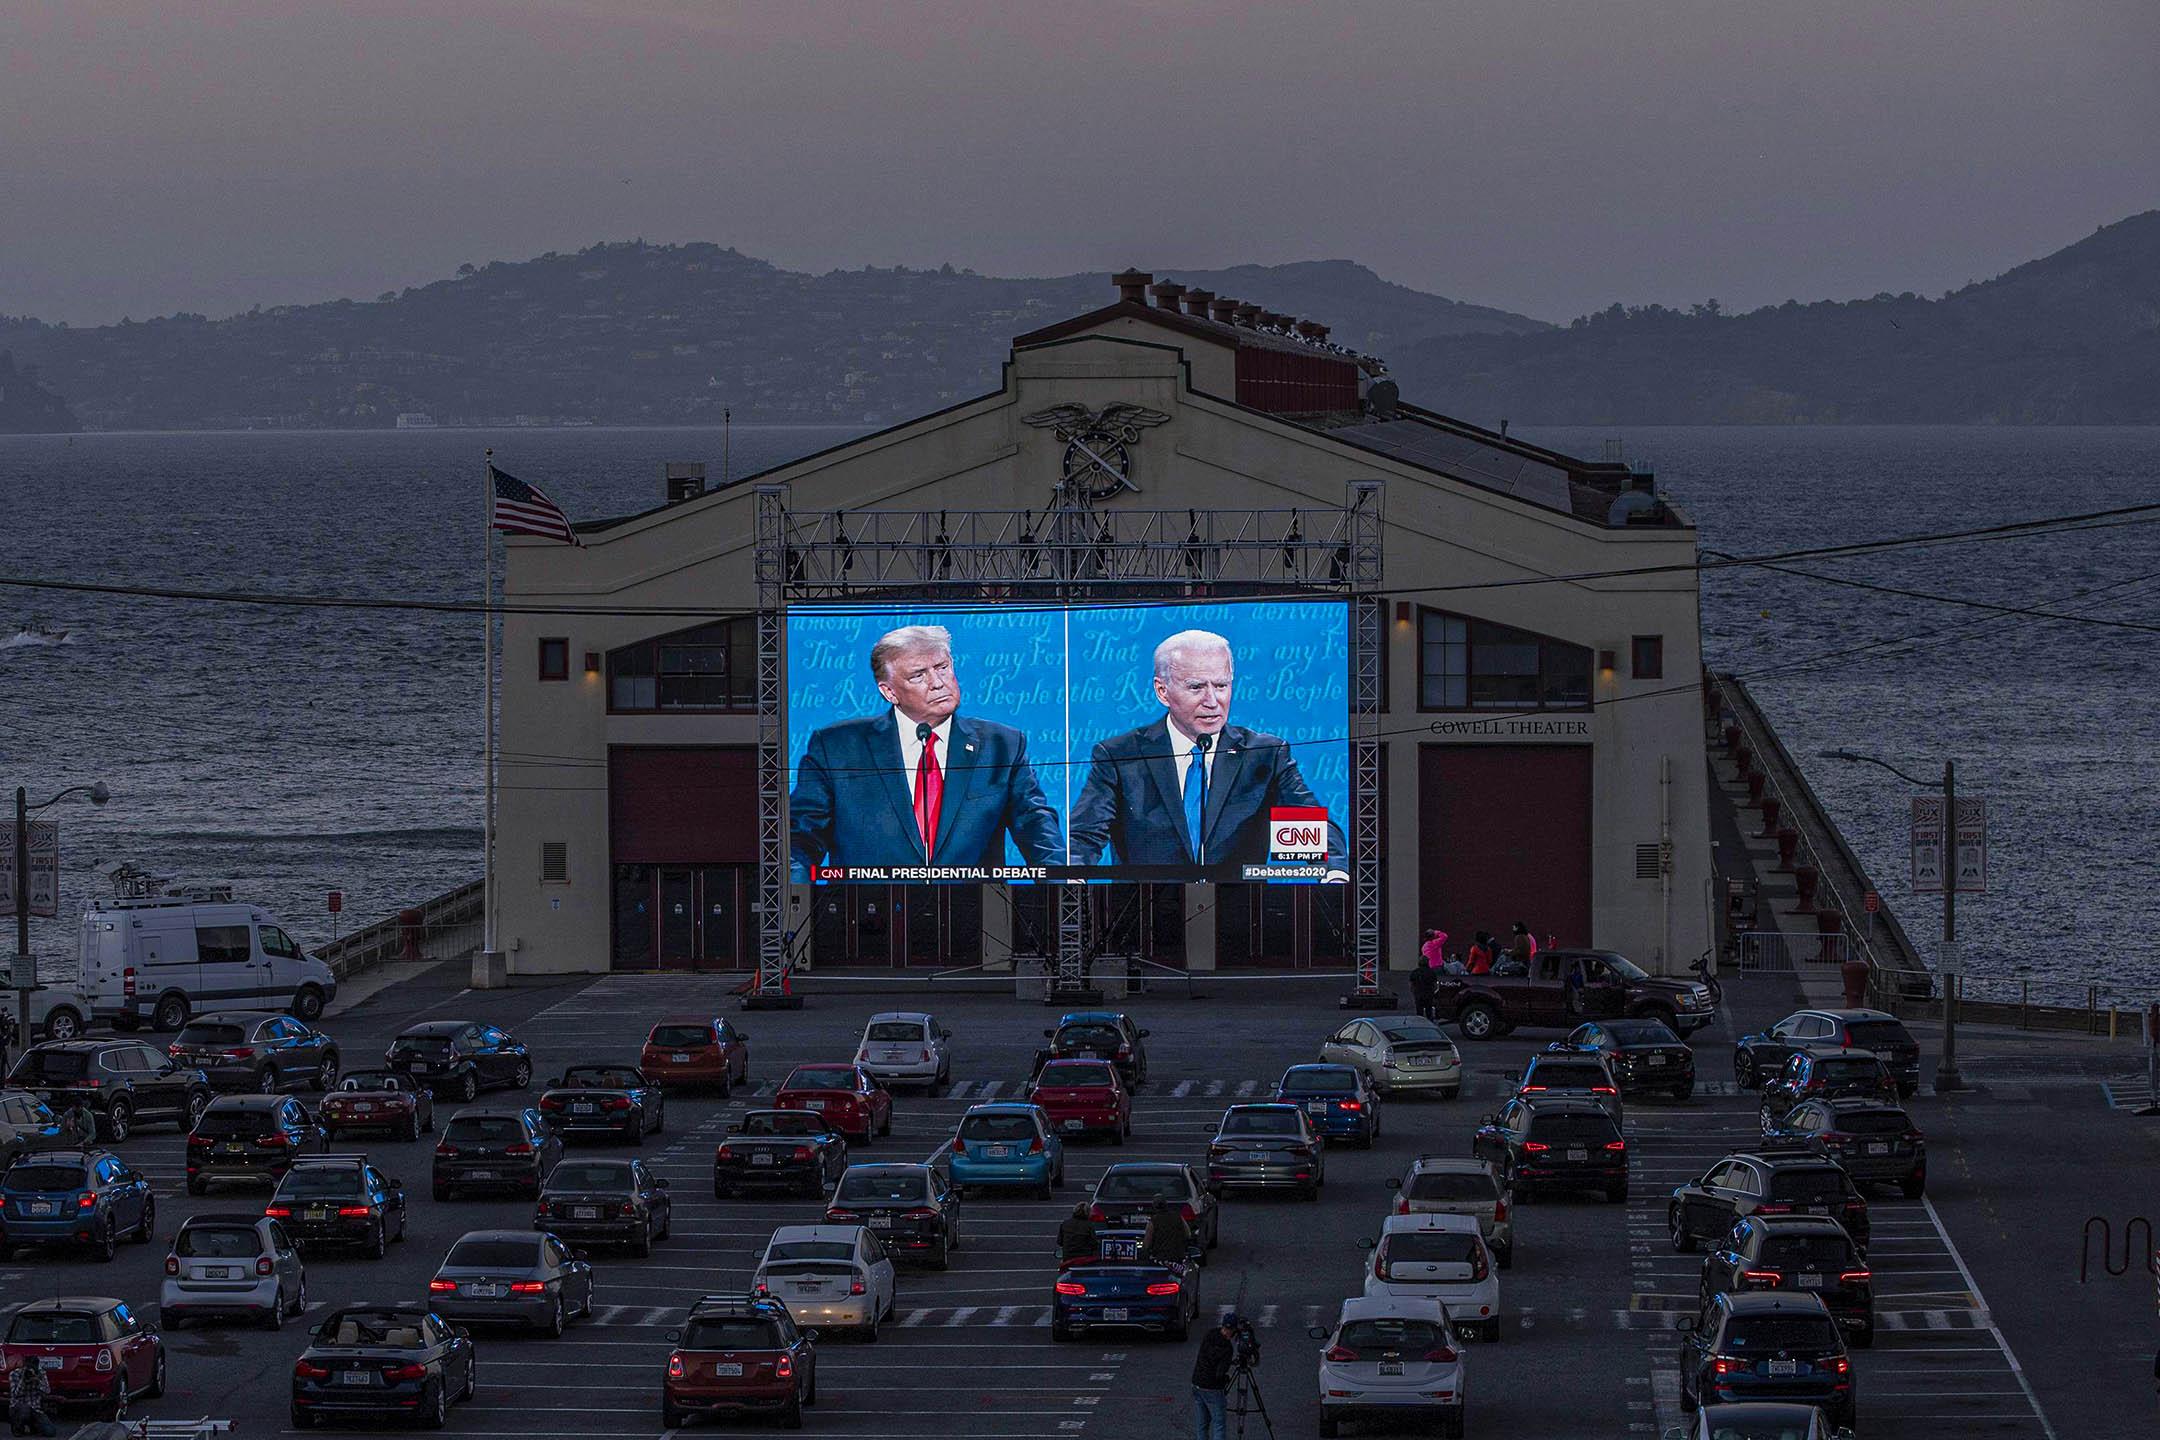 2020年10月22加利福尼亞州科威爾劇院外,市民在觀看特朗普總統與民主黨候選人喬·拜登的美國總統辯論。